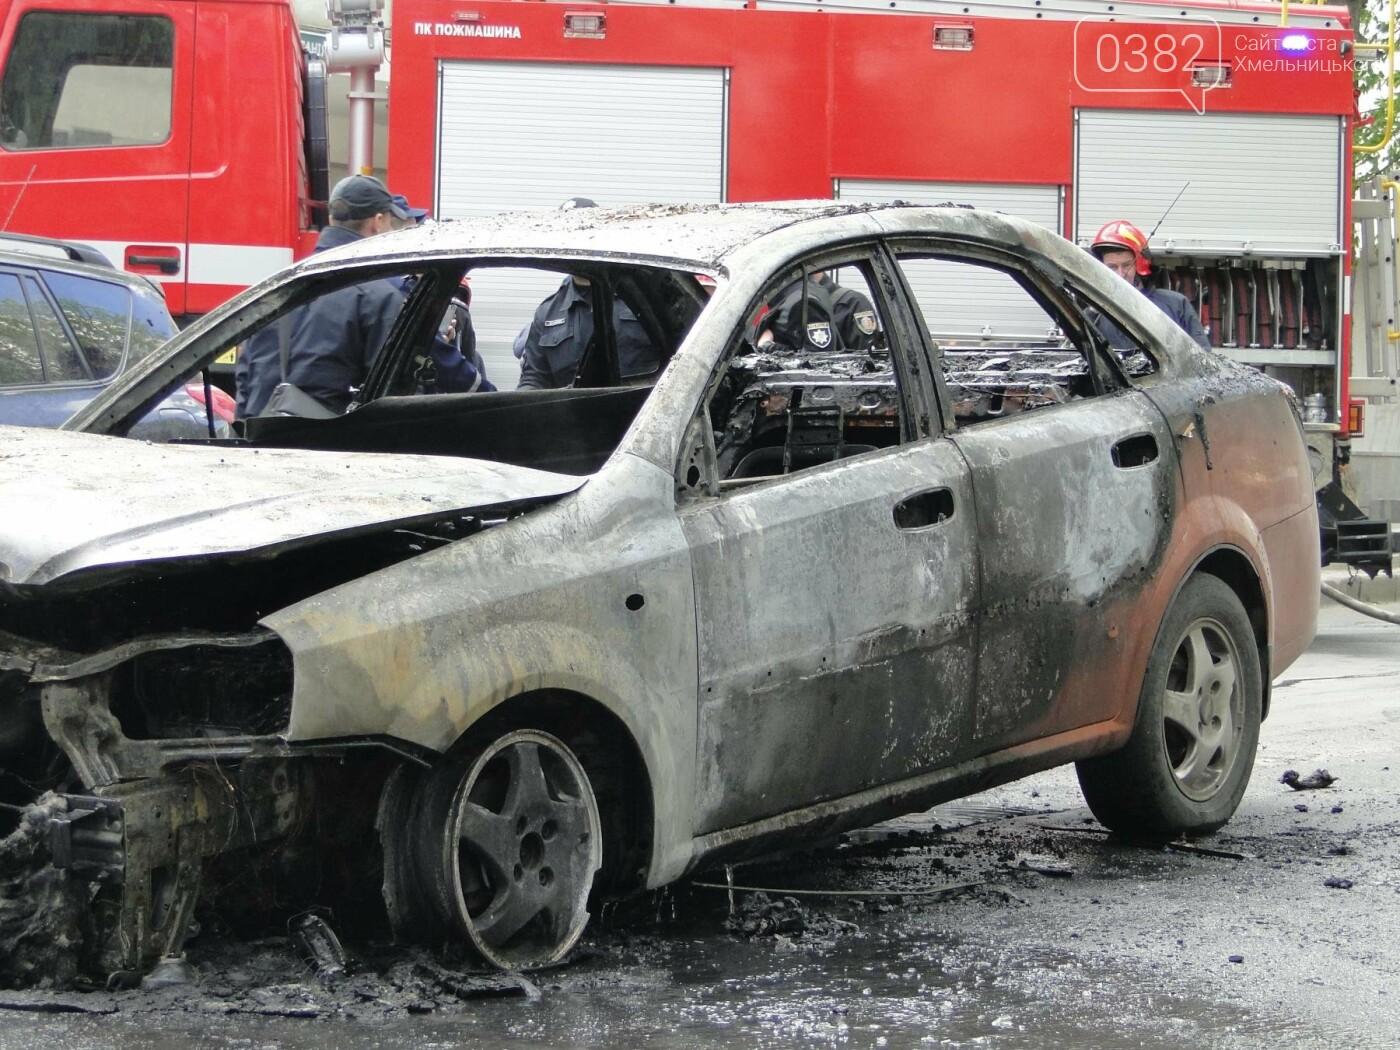 В центрі Хмельницького в результаті ДТП вщент згорів автомобіль. ФОТО, фото-7